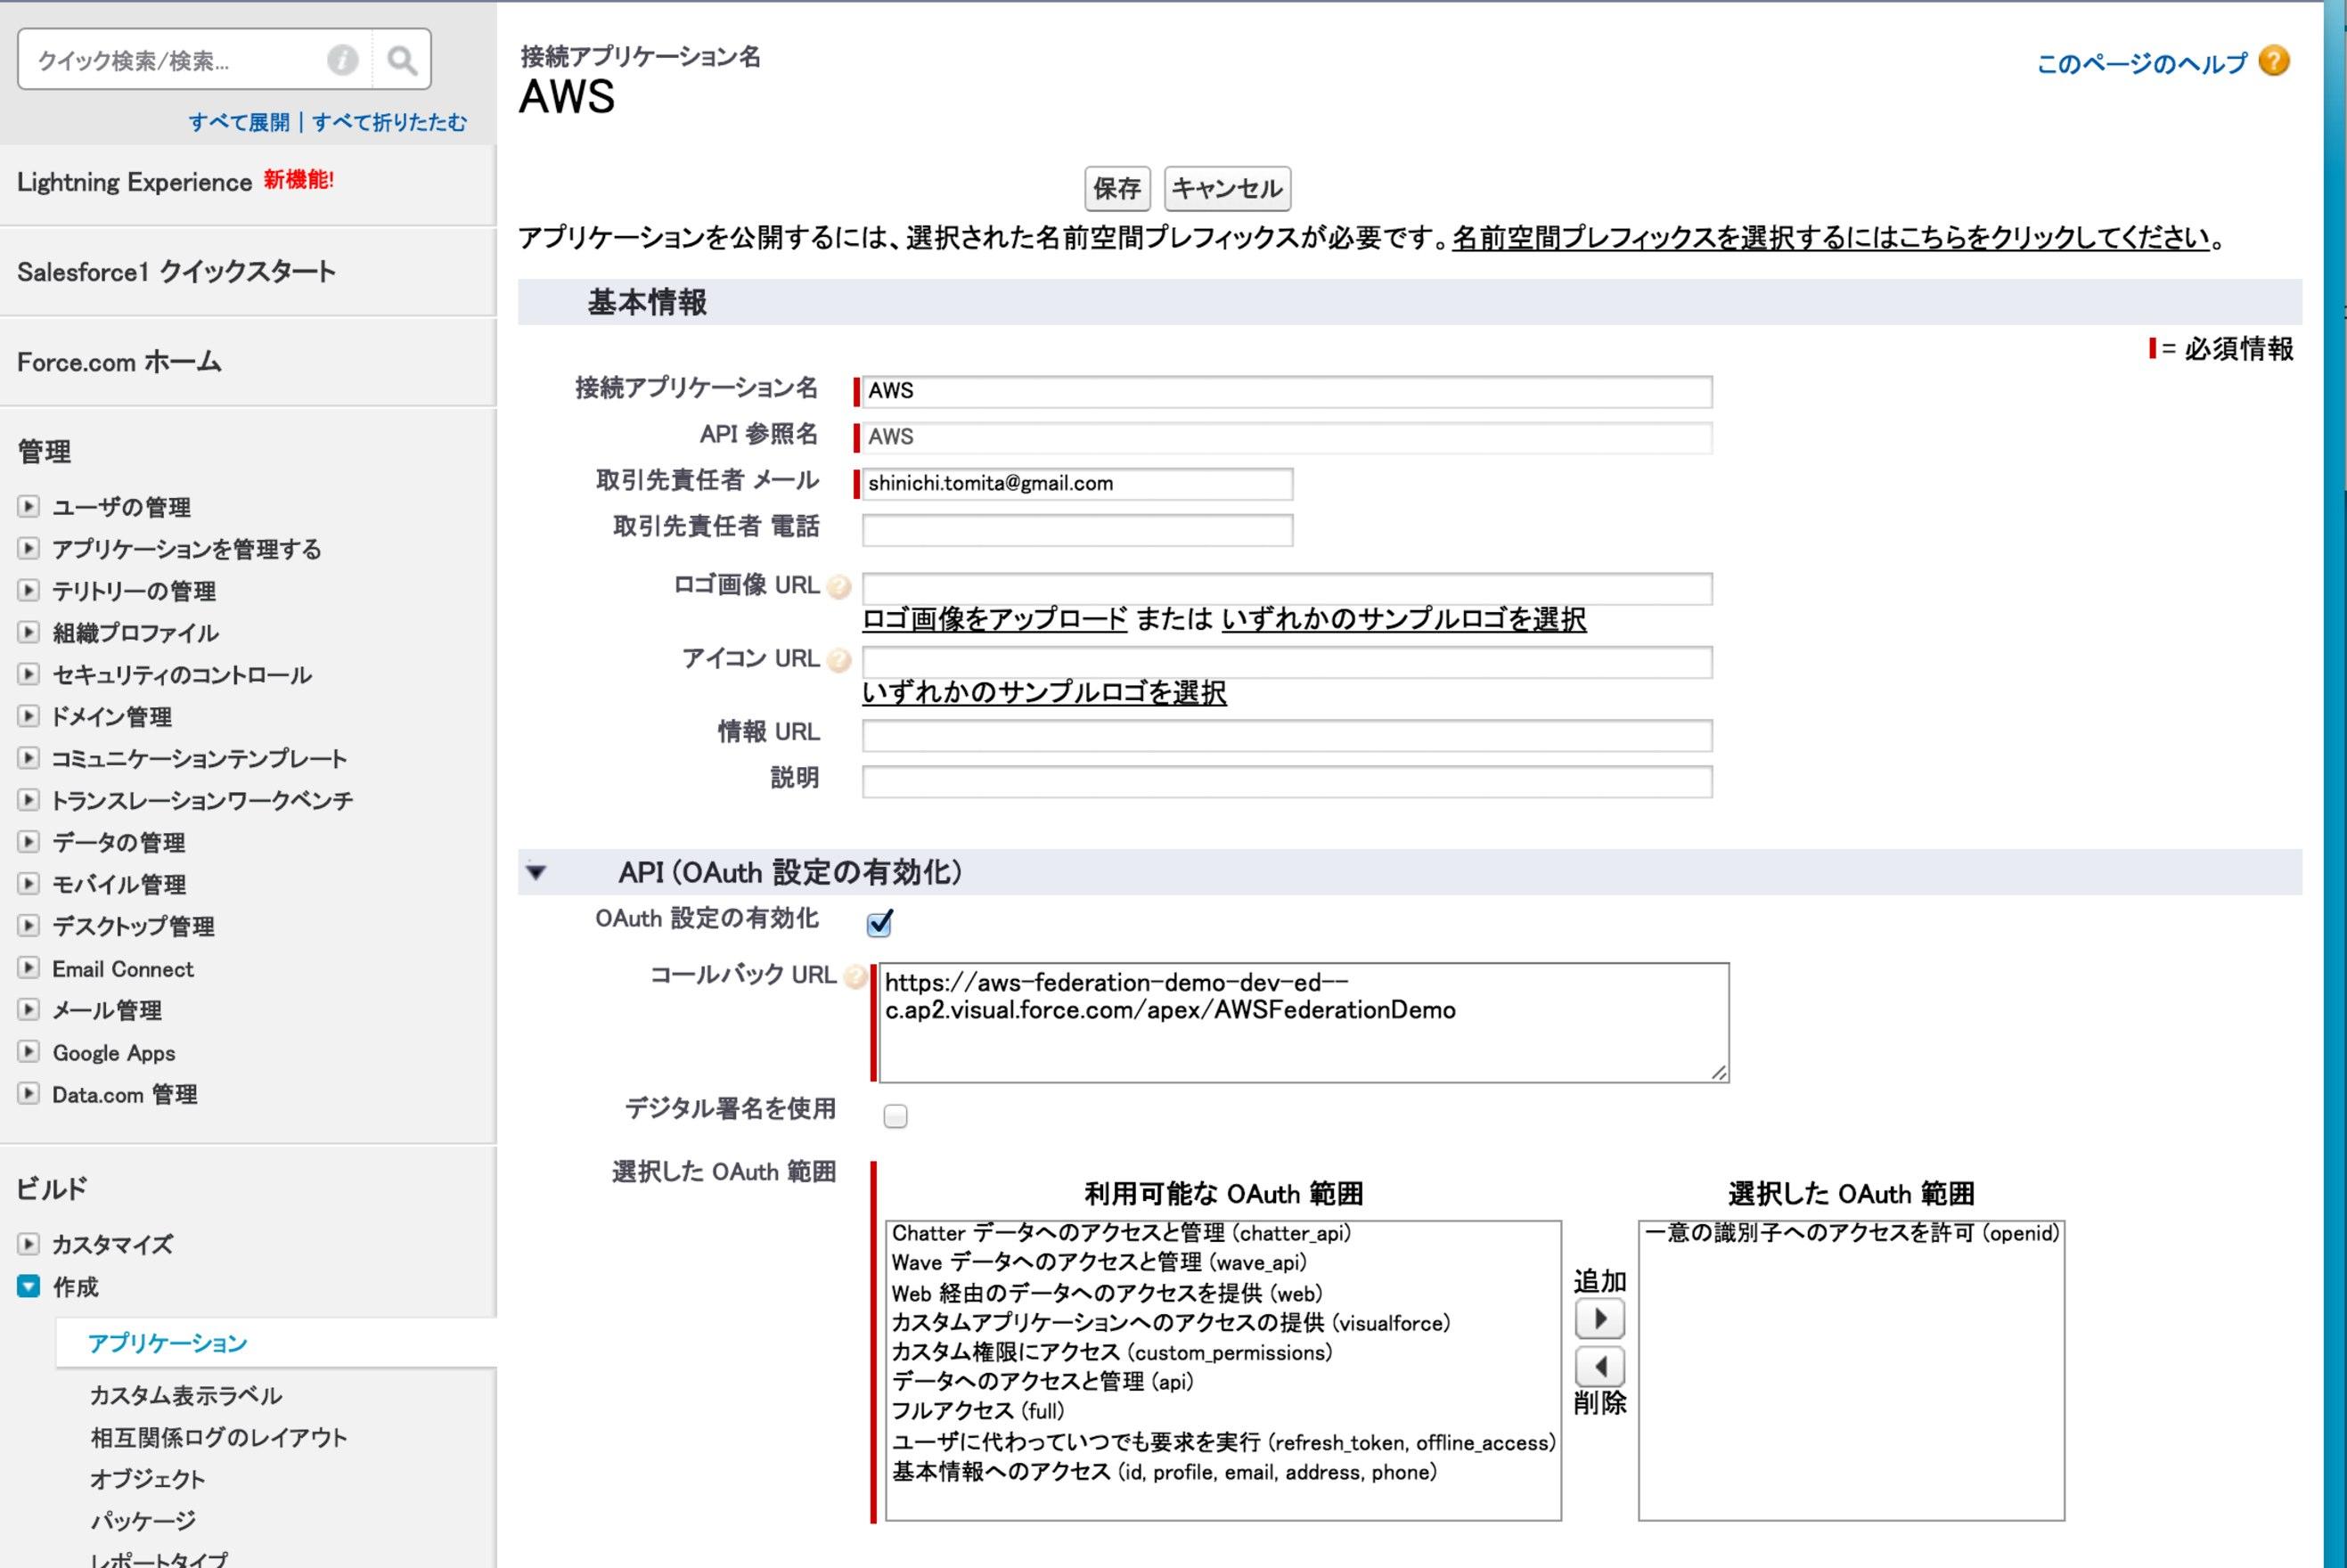 接続アプリケーション_ AWS ~ Salesforce - Developer Edition.jpg